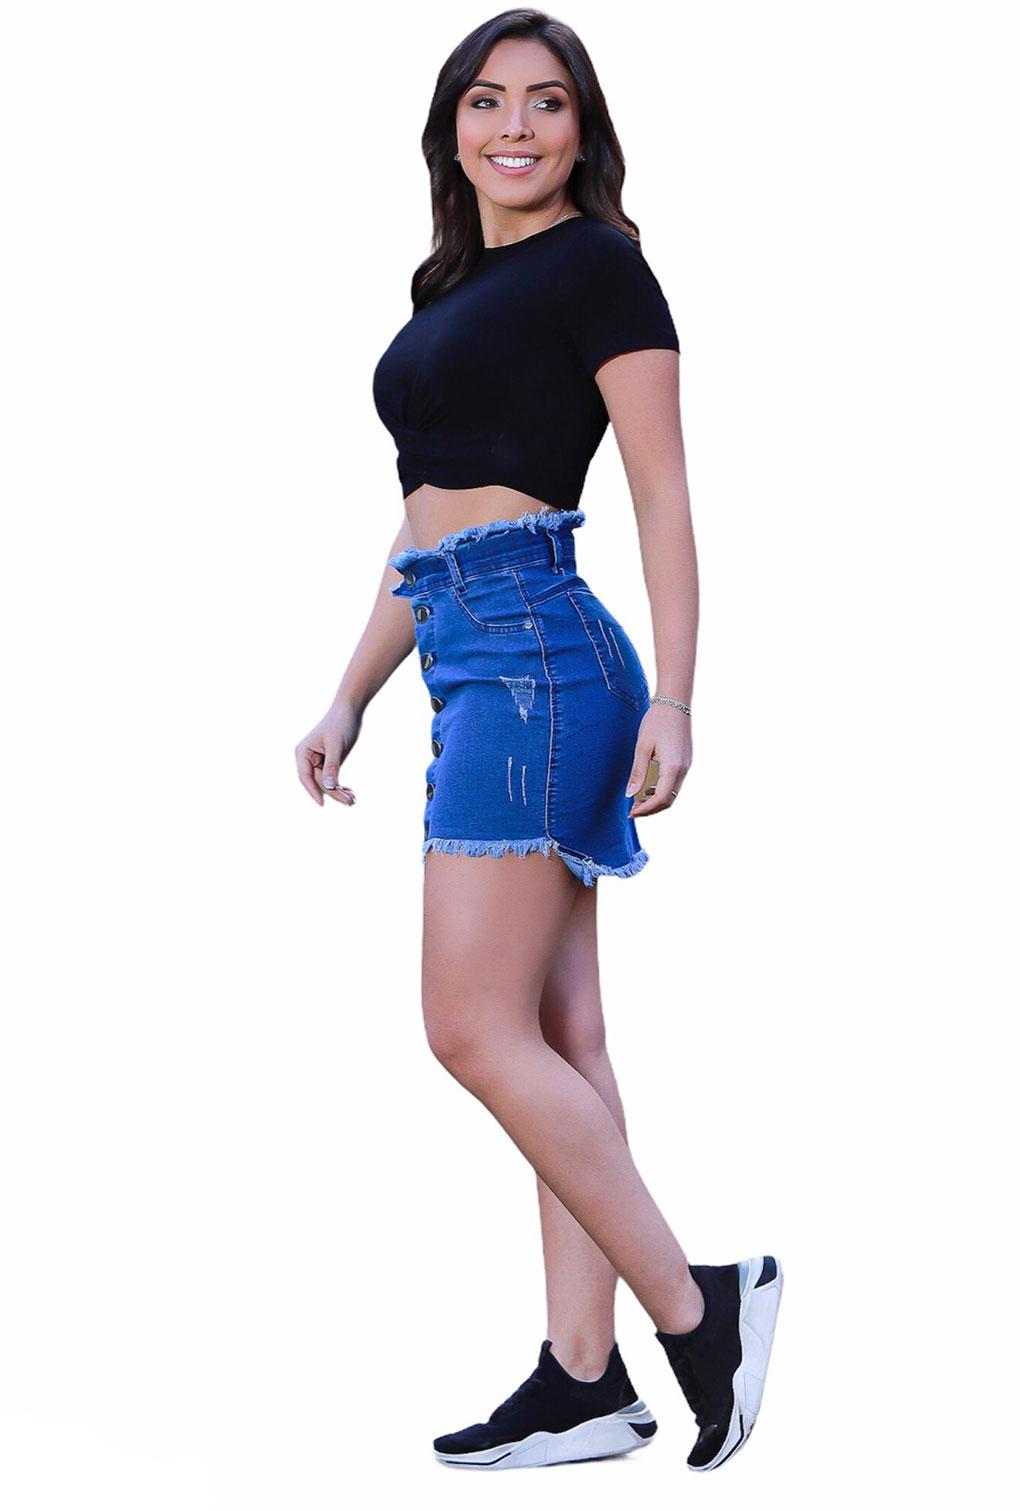 Blusa Top Cropped Detalhe Cruzado Blogueira Alto Verão  - ModaStore   Moda Feminina